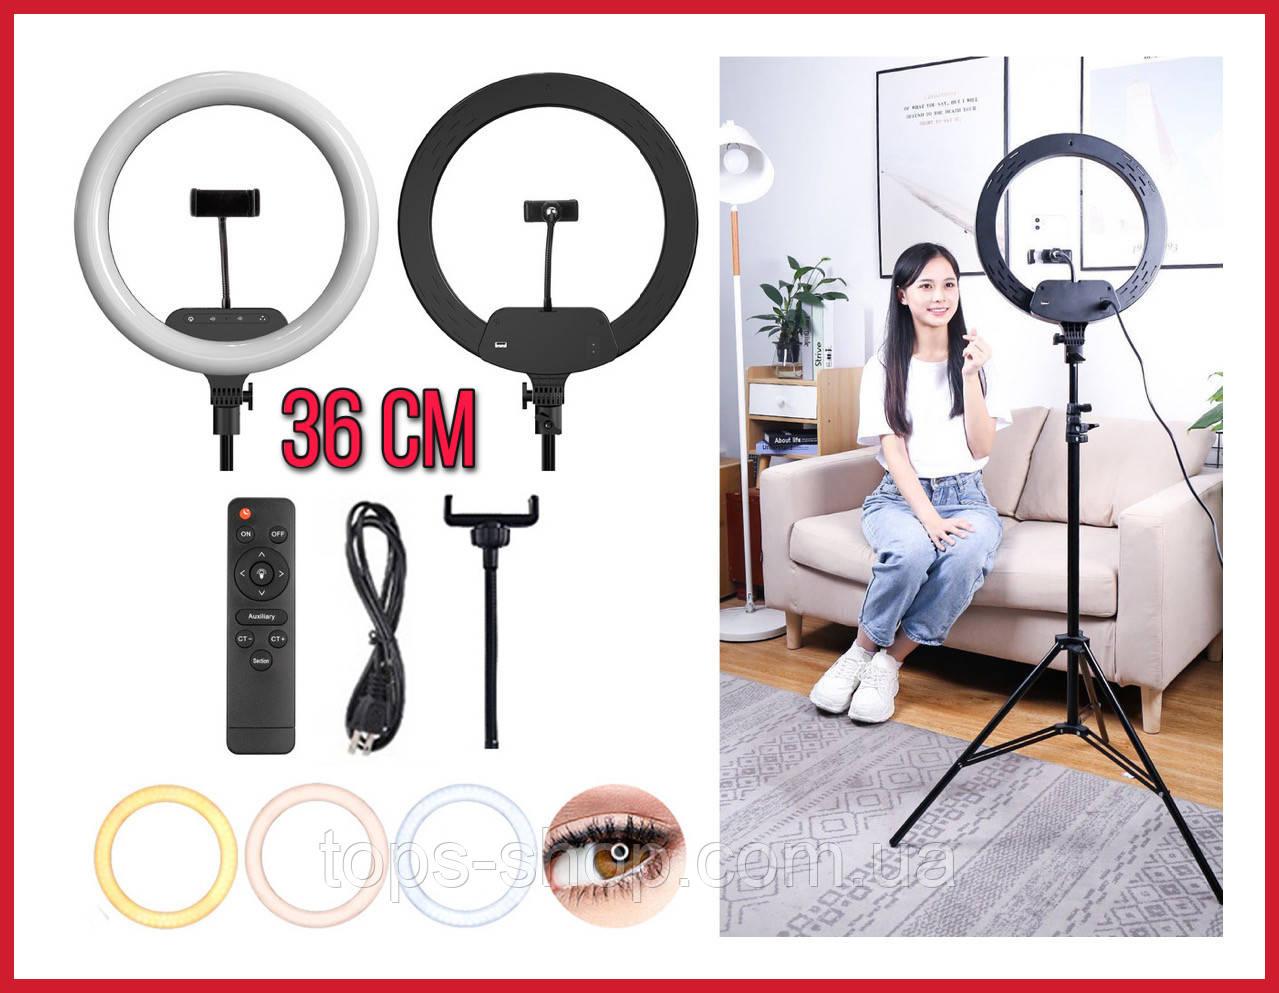 Профессиональная светодиодная кольцевая лампа 36 см AL-360 + штатив (0,7-2м) кольцевой свет, селфи лампа